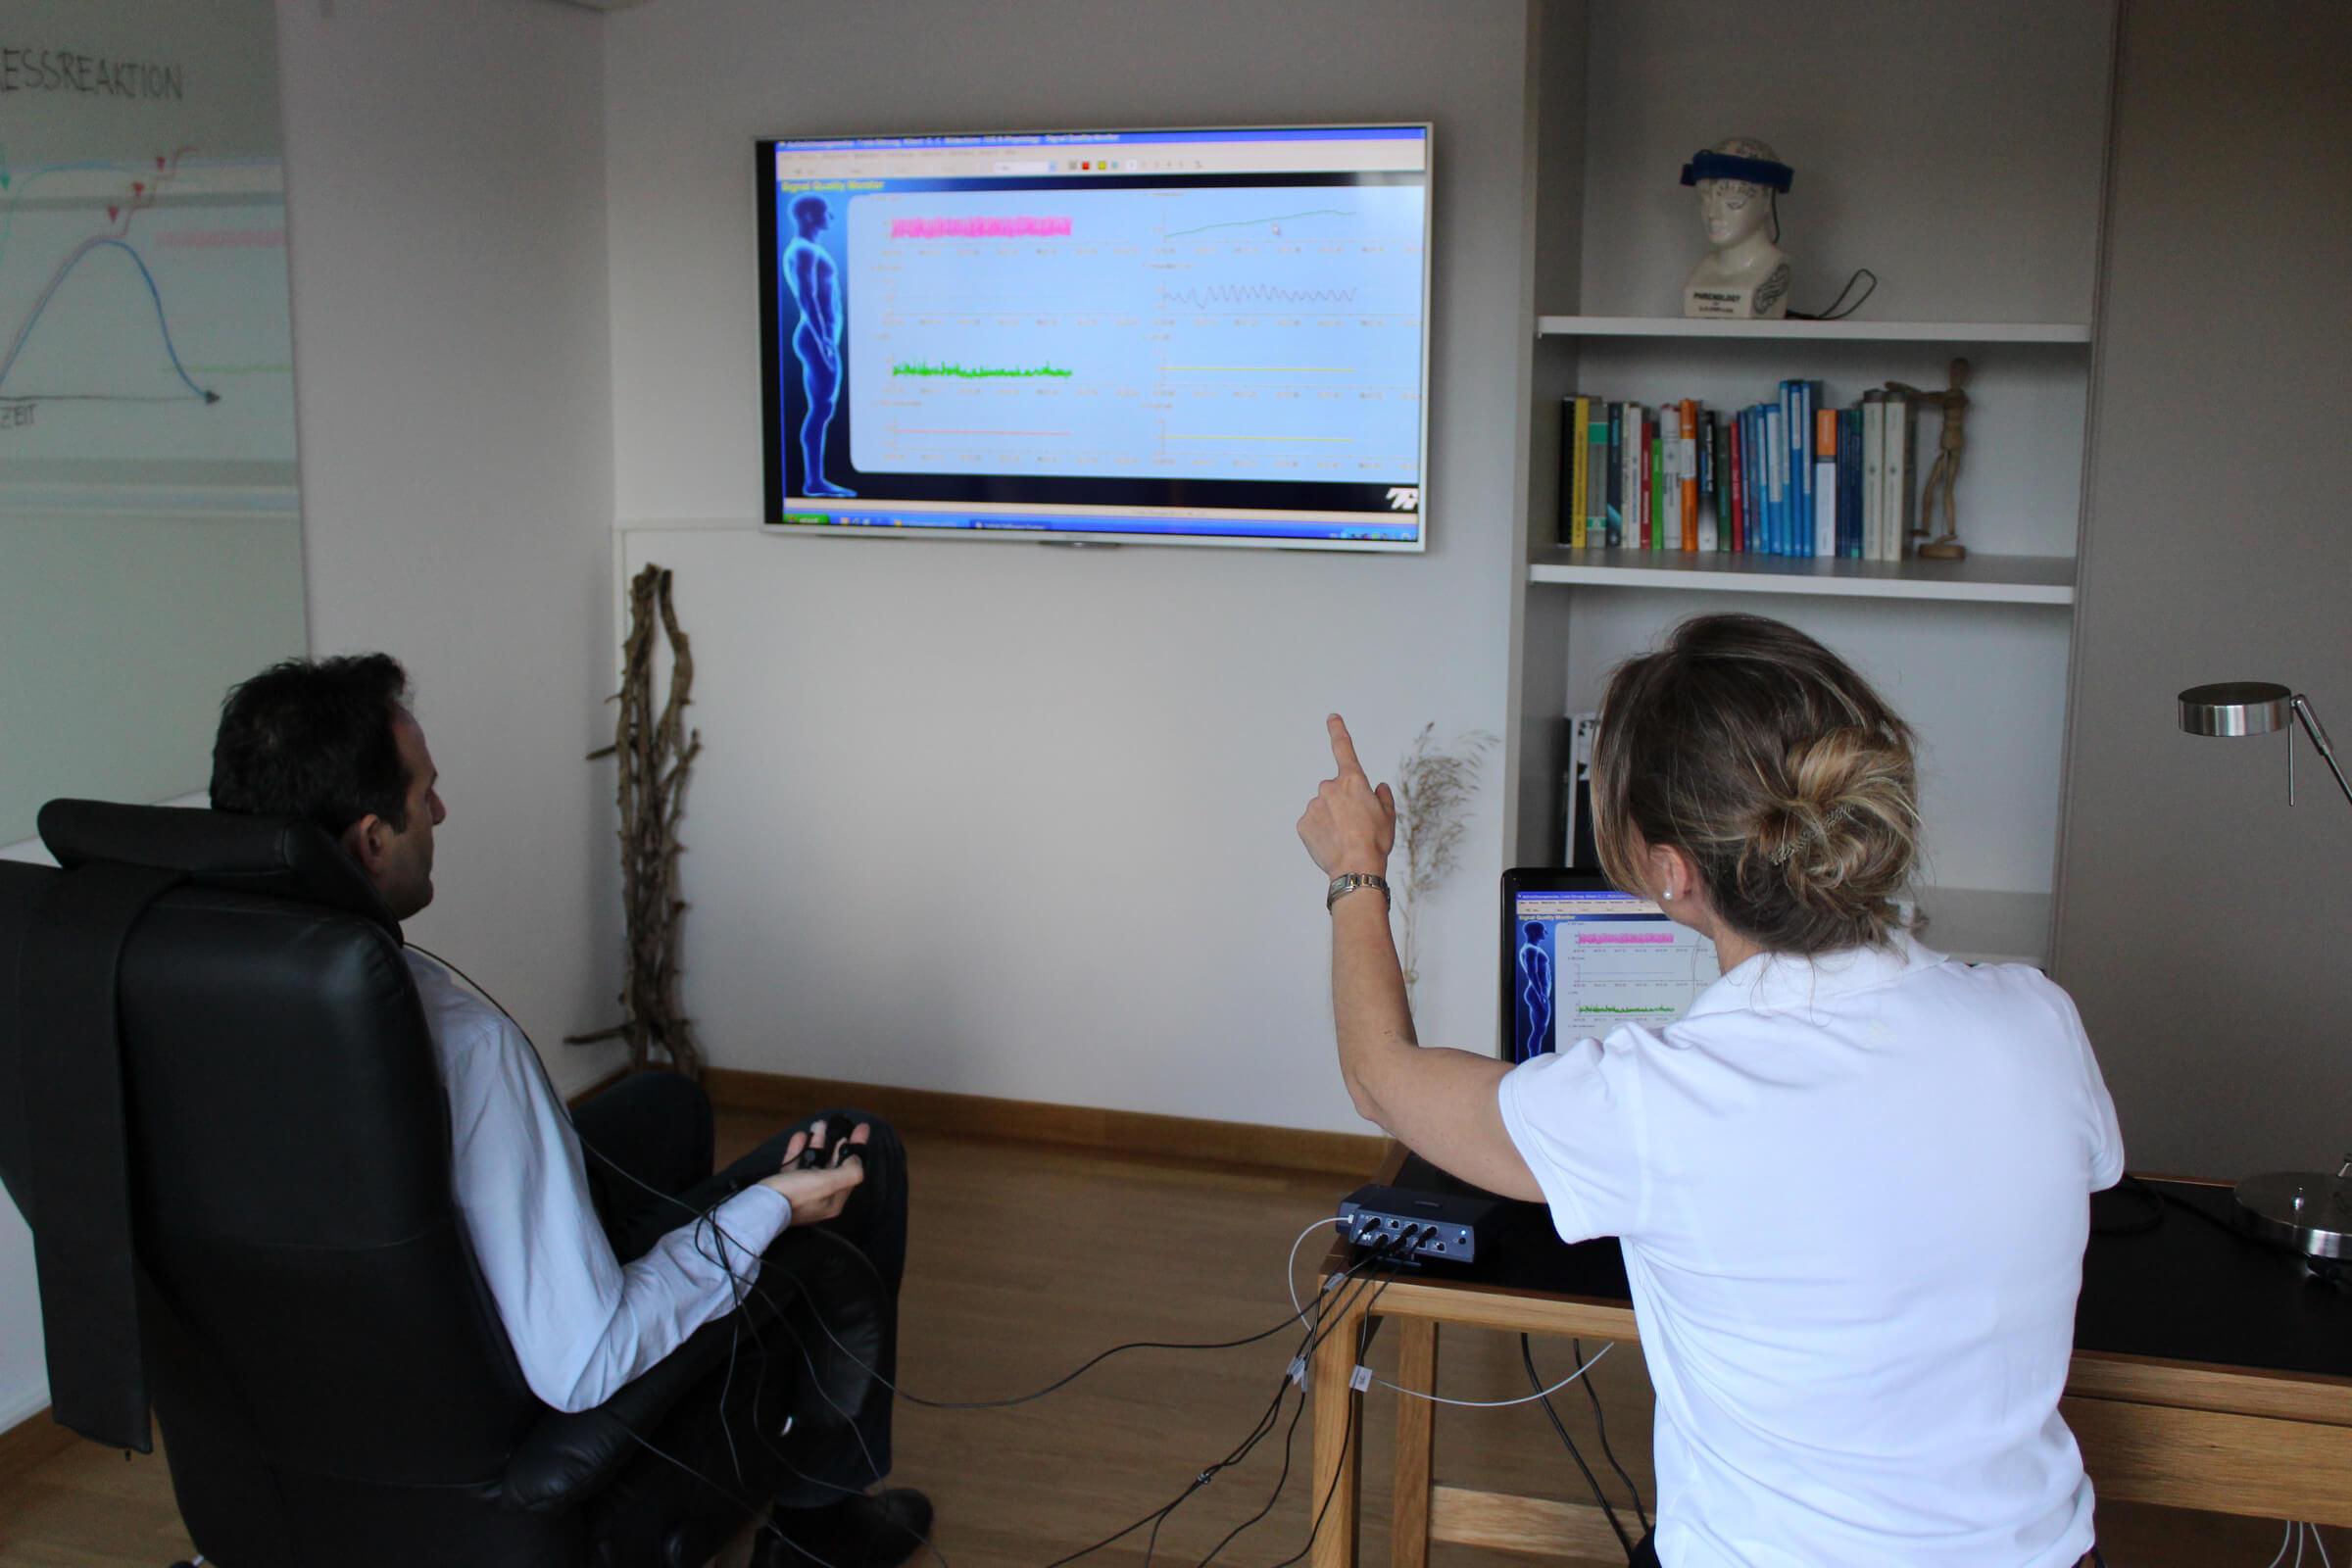 Verschiedene Messsensoren und ein aufwändiges Computerprogramm erfassen gleichzeitig</br>mehrere (autonom ablaufende) Körpersignale, werten diese aus und zeigen sie auf einem Bildschirm an.</br>Eine Darstellung (= Rückmeldung) der Signale ist in visueller und/oder auditiver Form möglich.